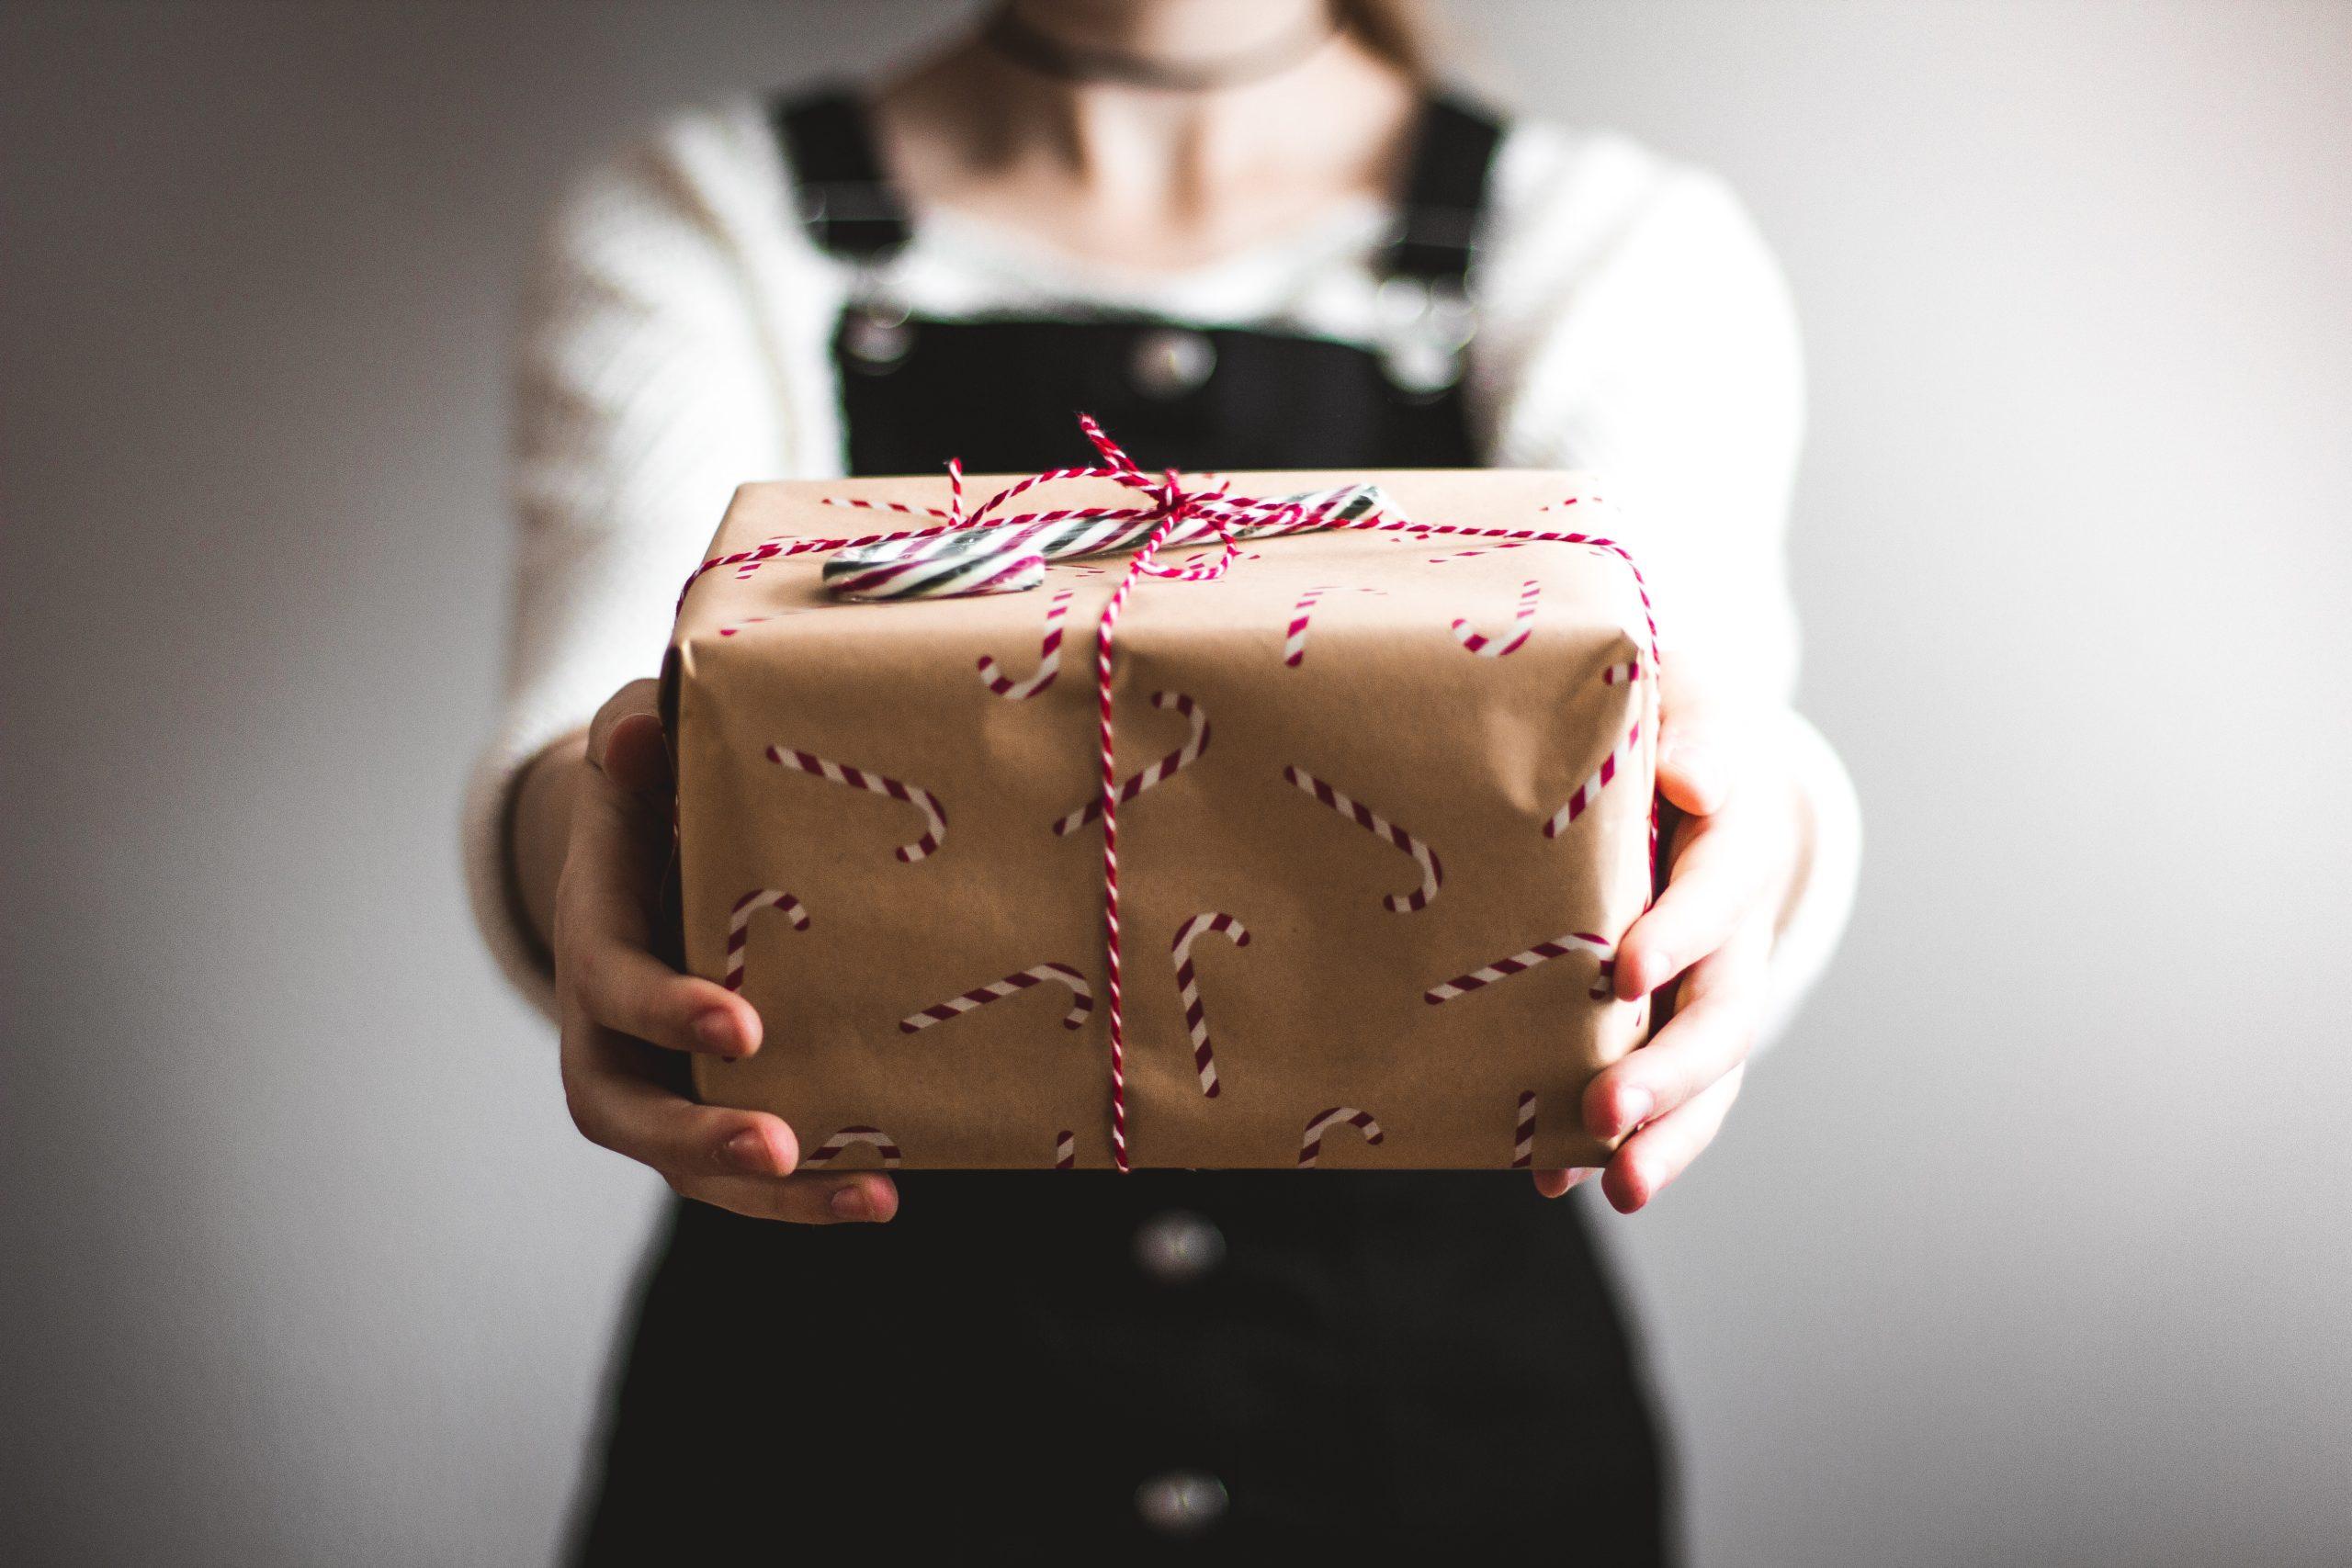 Frau reicht Weihnachtsgeschenk